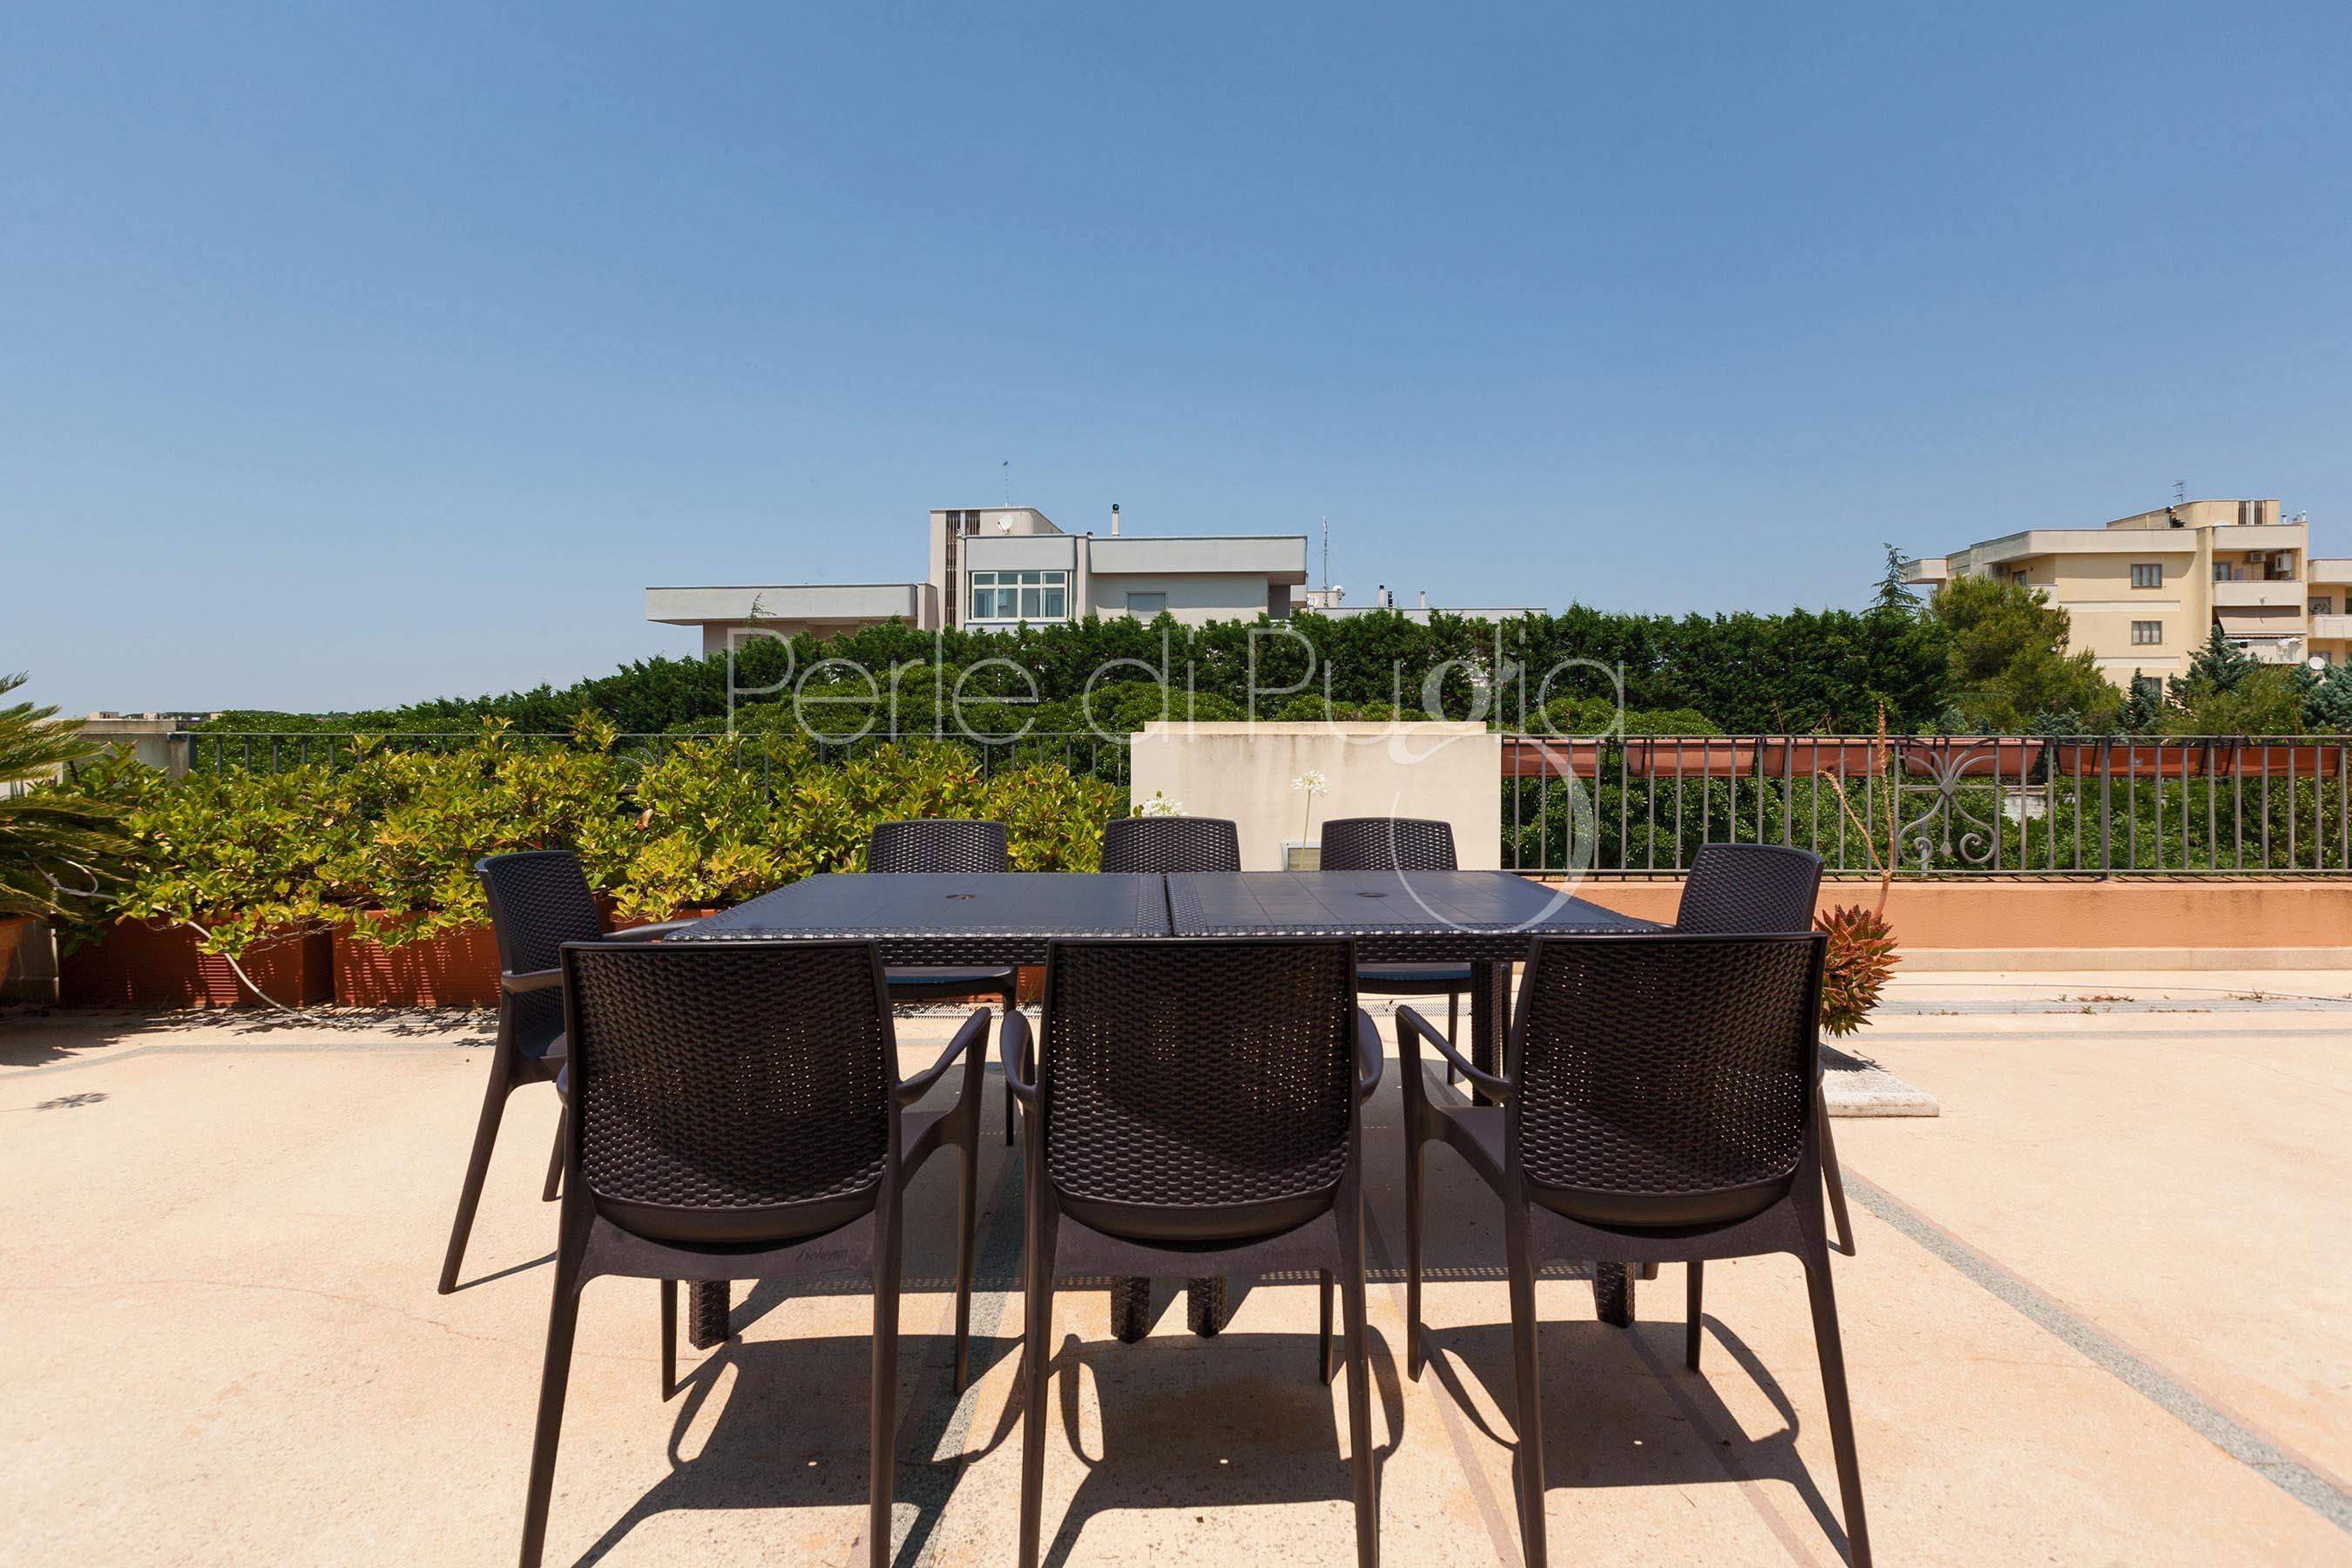 Villa roberta affitto villa con piscina a casarano for Piani patio esterno